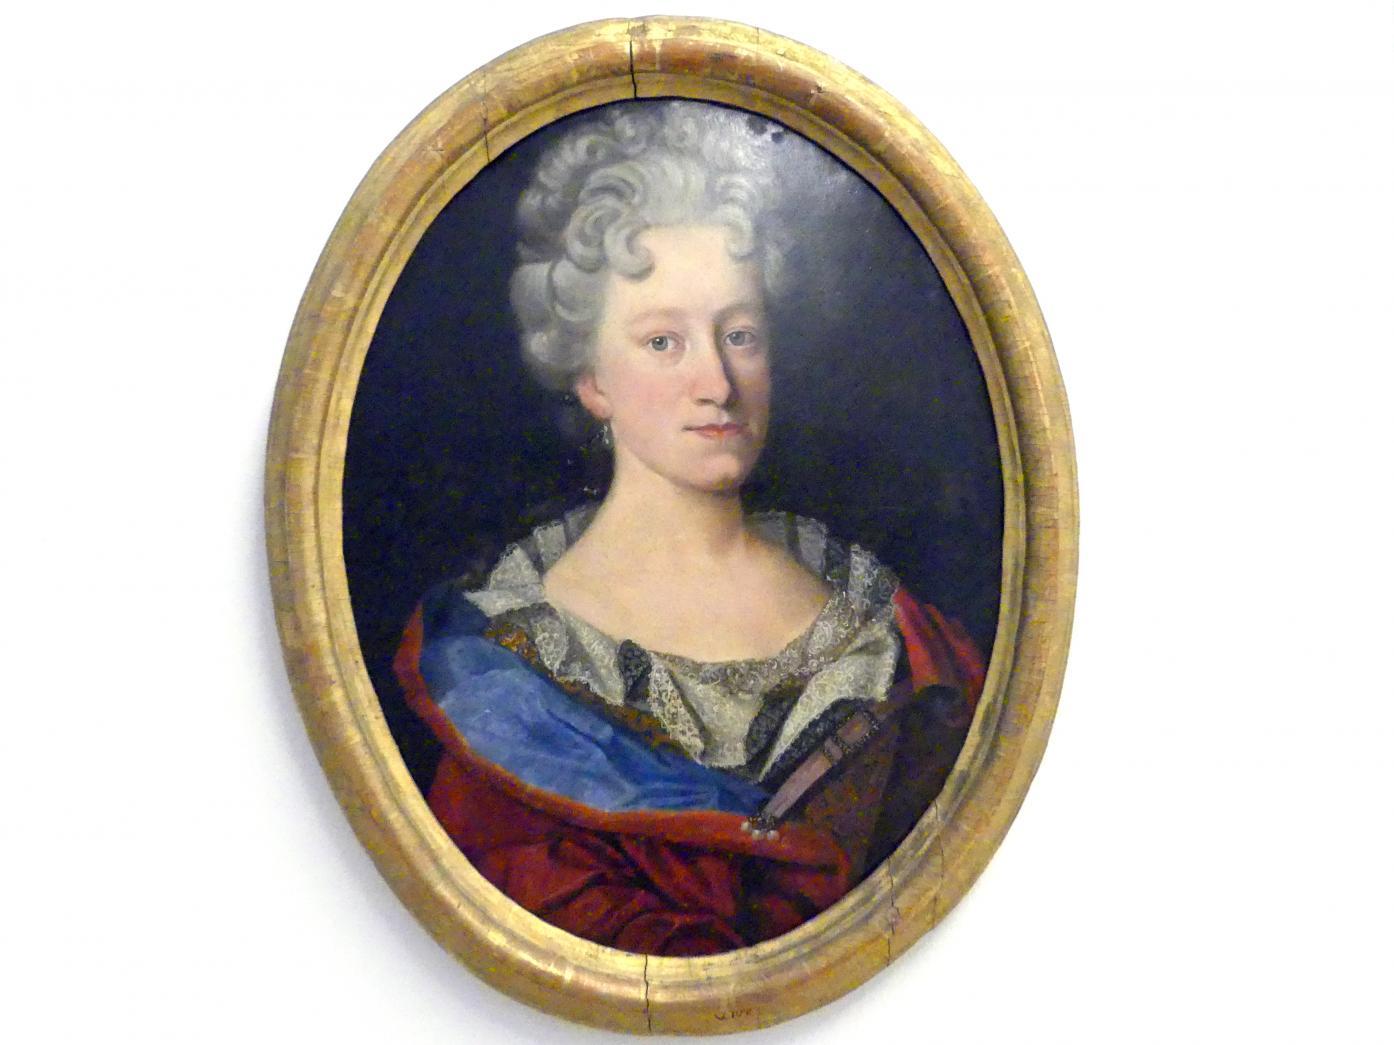 Maria Emilia Enzmilner von Windhag, Undatiert